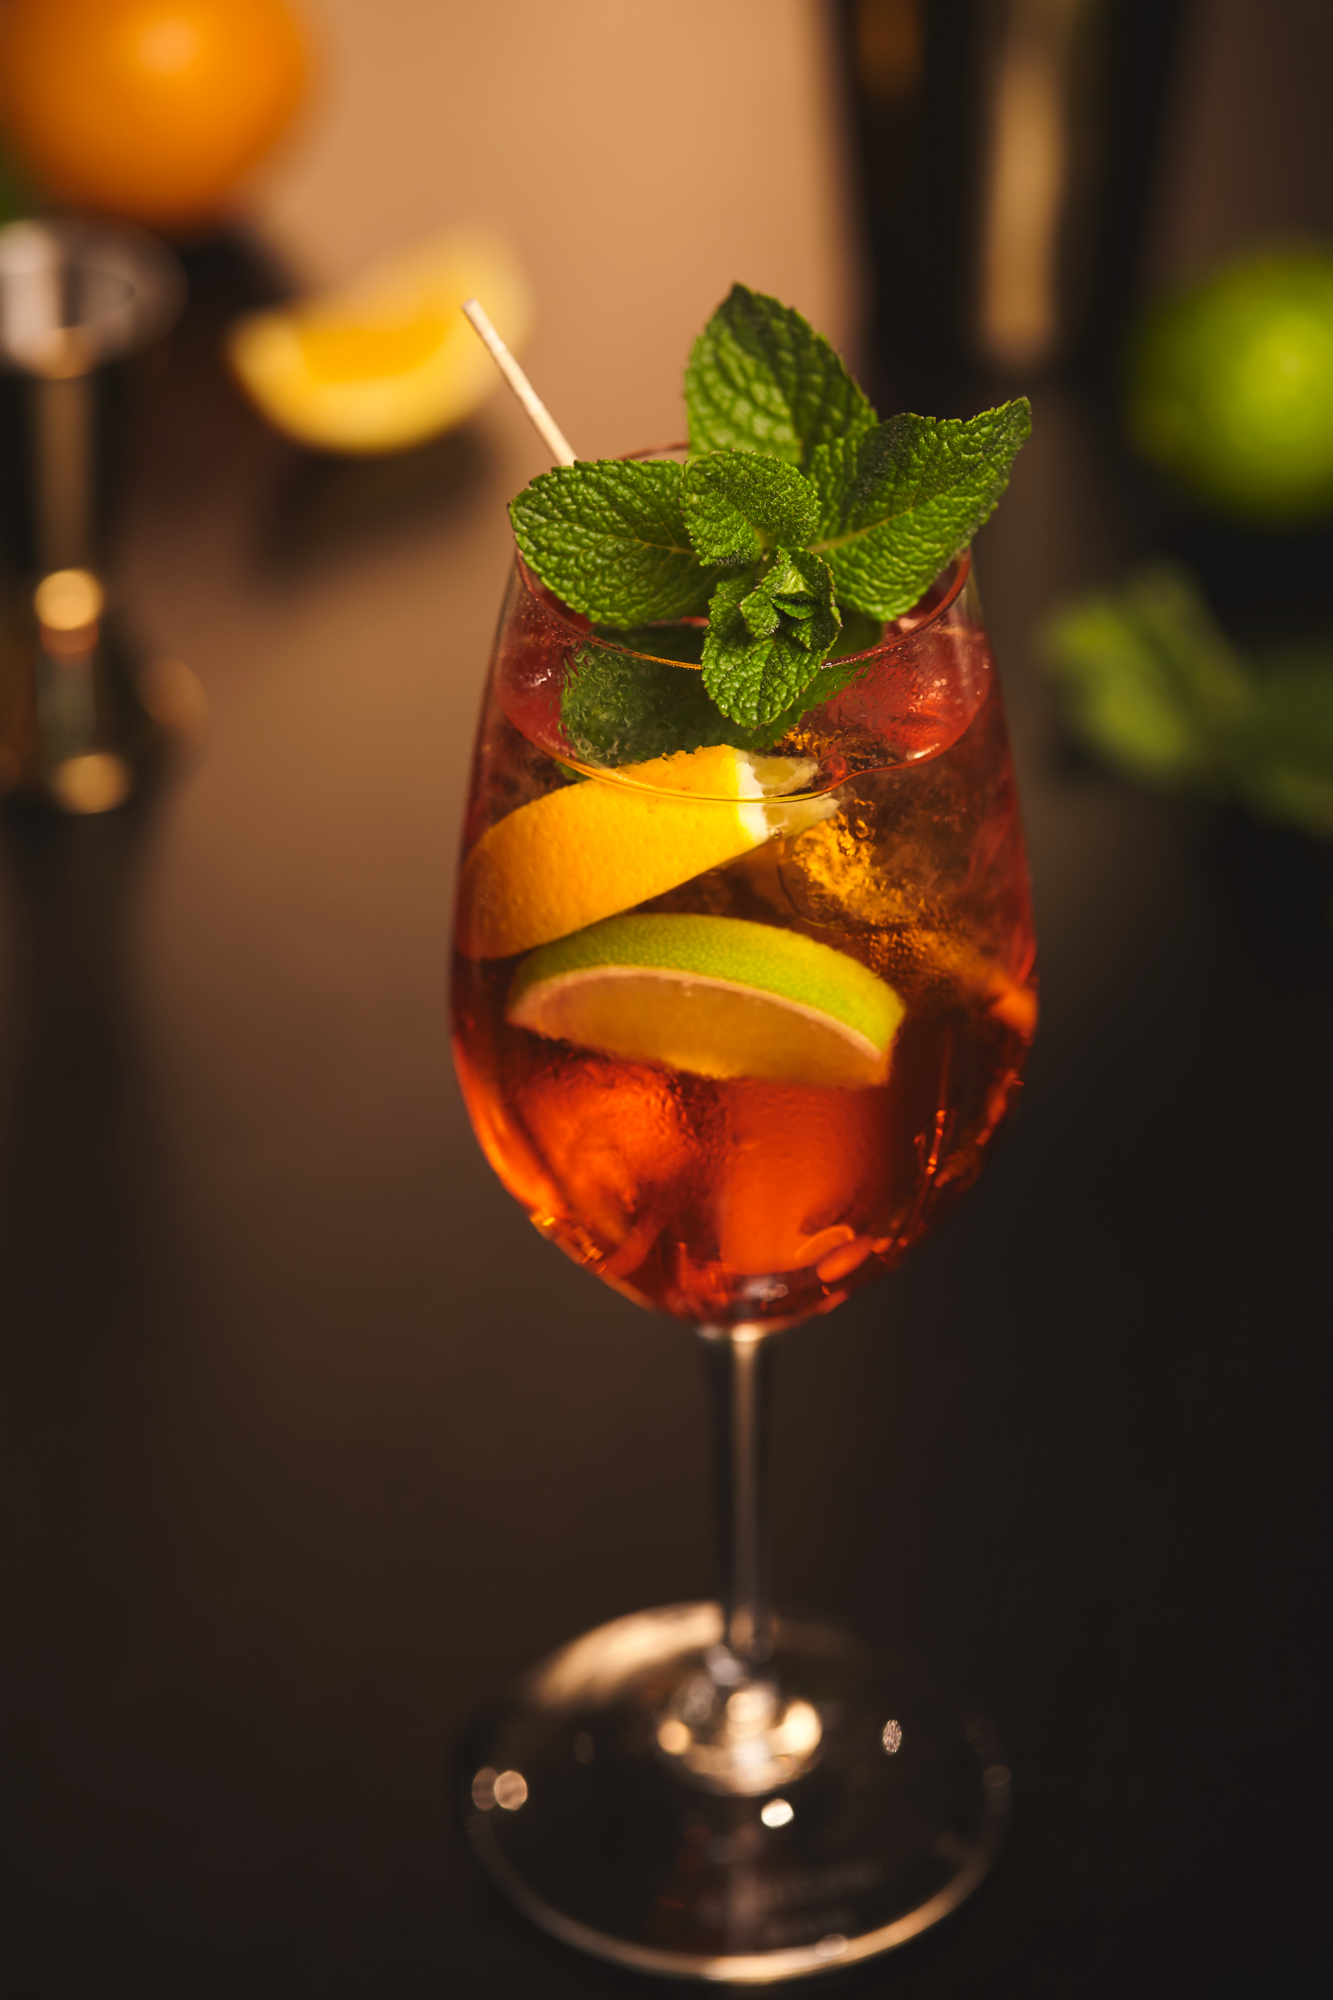 Perlwerk_Cocktail-19er-Aperol_0302.JPG